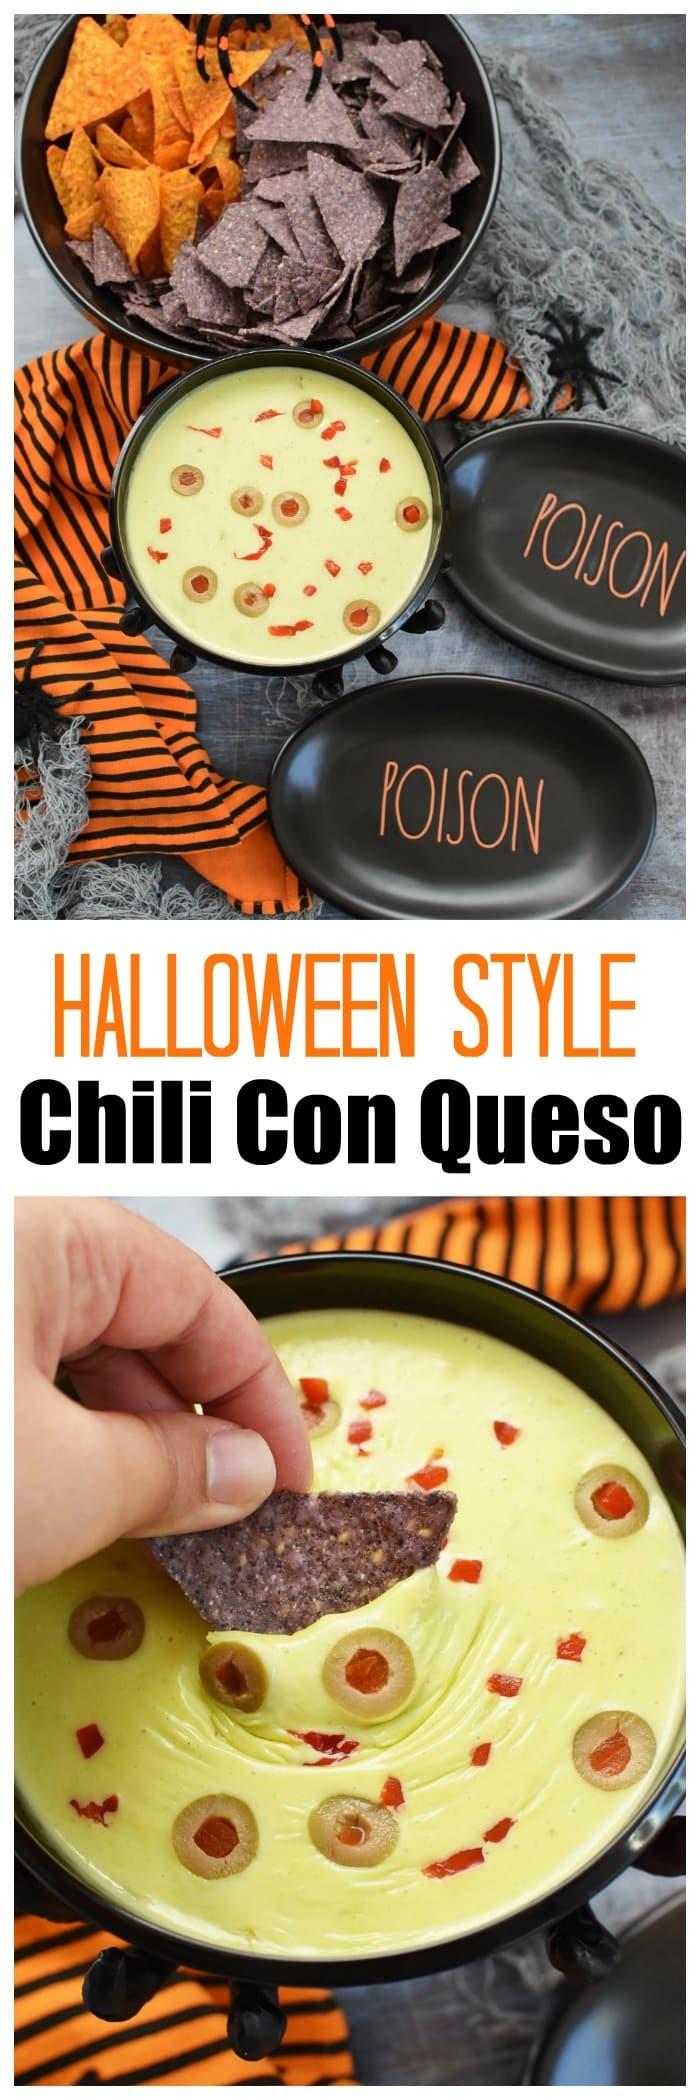 Halloween Chili Con Queso Dip